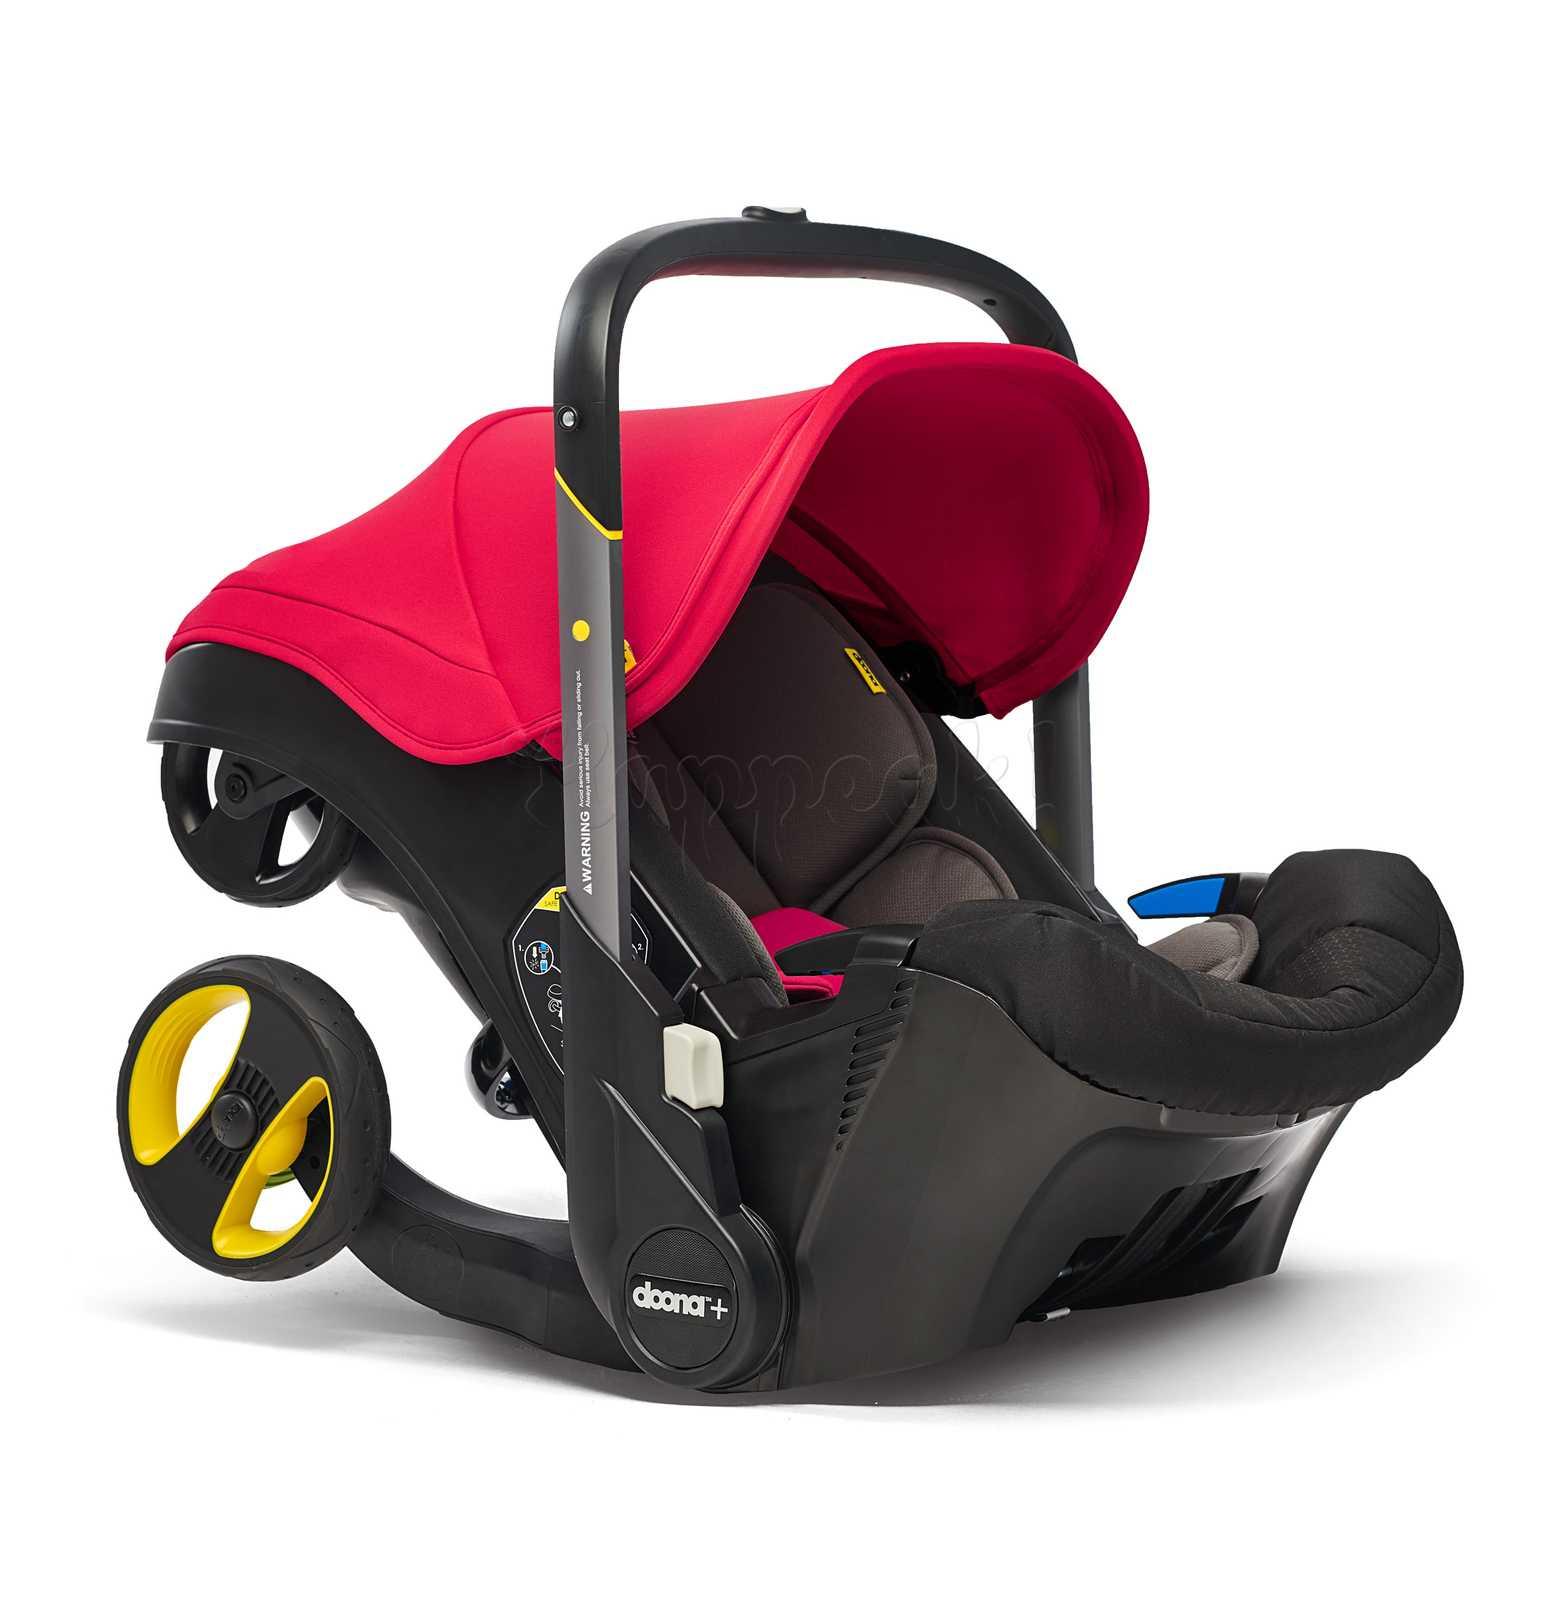 Simple parenting doona коляска автокресло - купить в интернет-магазине annapolly.ru симпл парентинг дуна, узнать цены, фото, отзывы, характеристики, размеры, вес